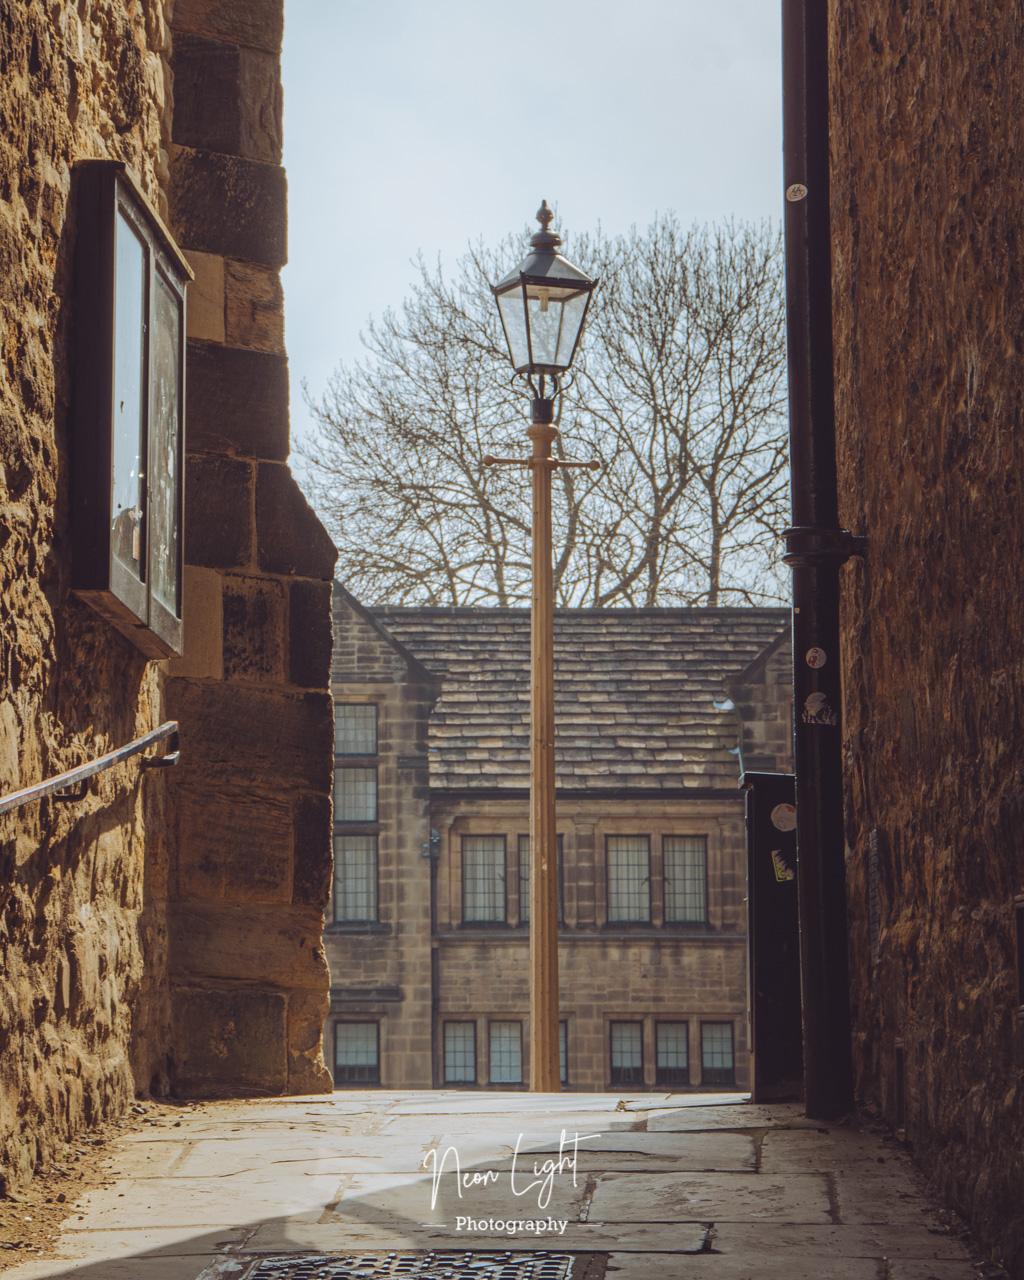 Durham Lampost